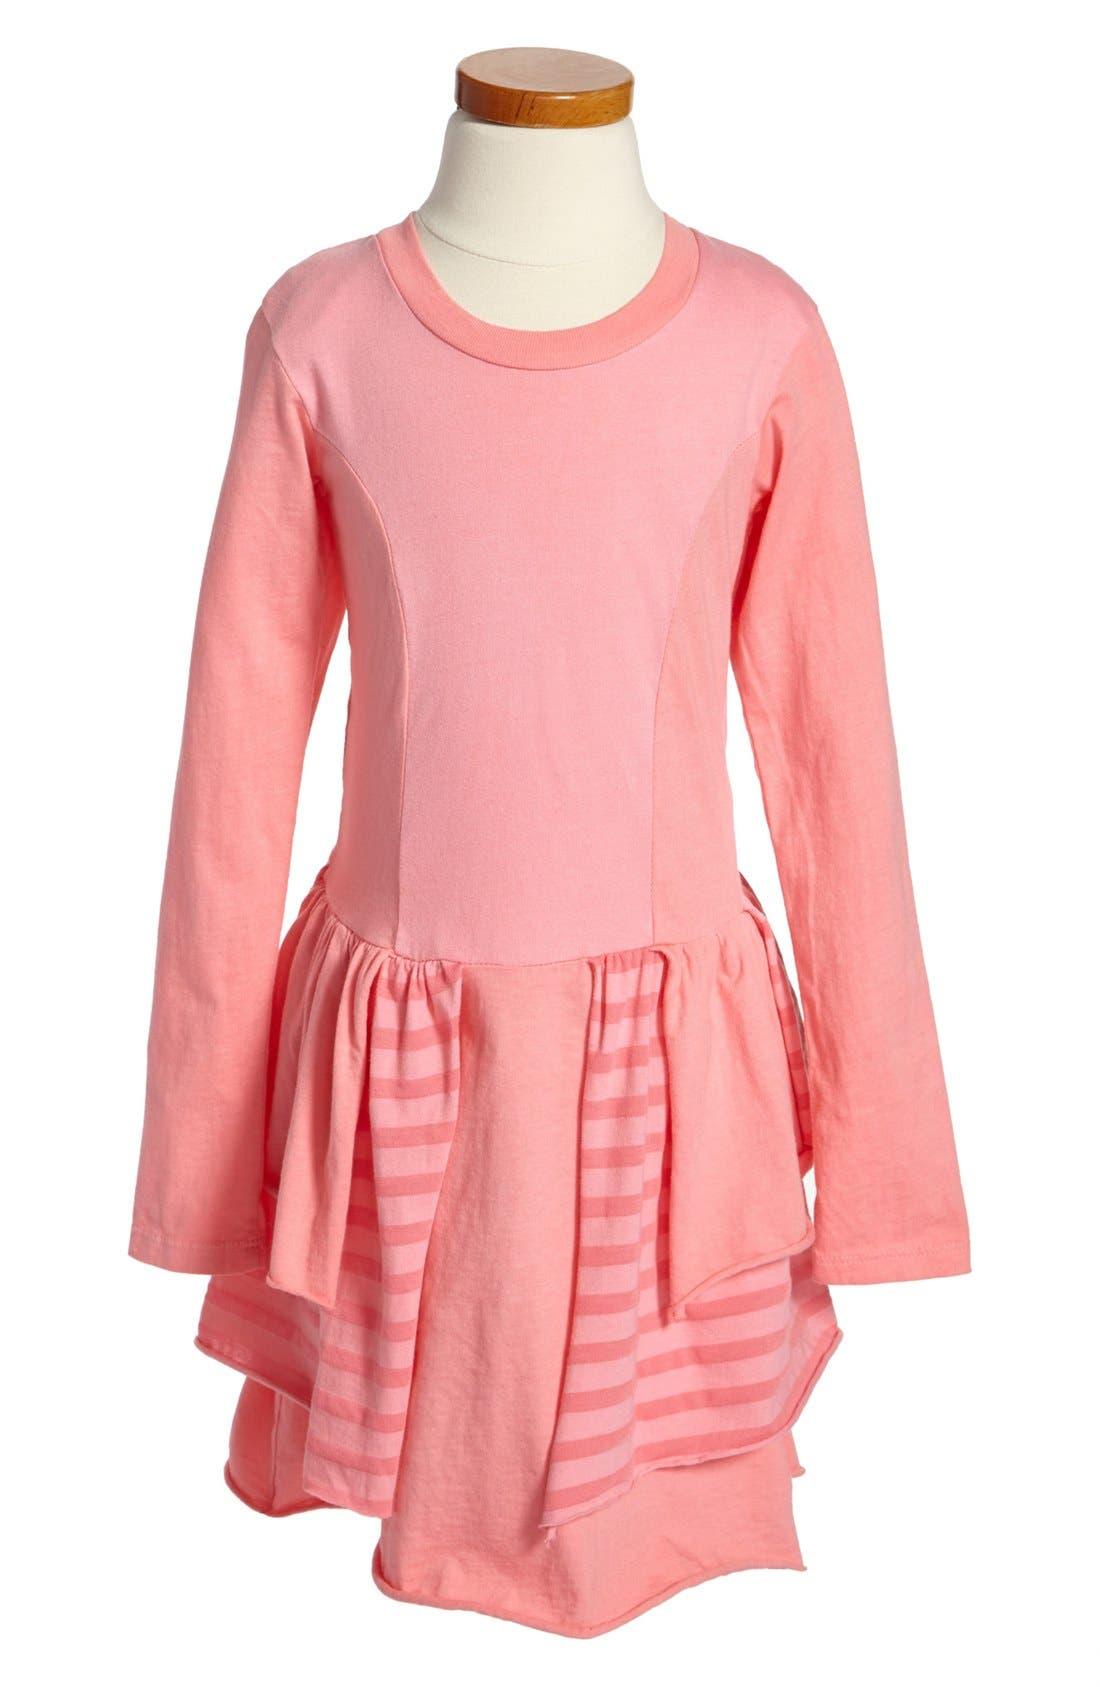 Alternate Image 1 Selected - Joah Love 'Bustle' Dress (Little Girls & Big Girls)